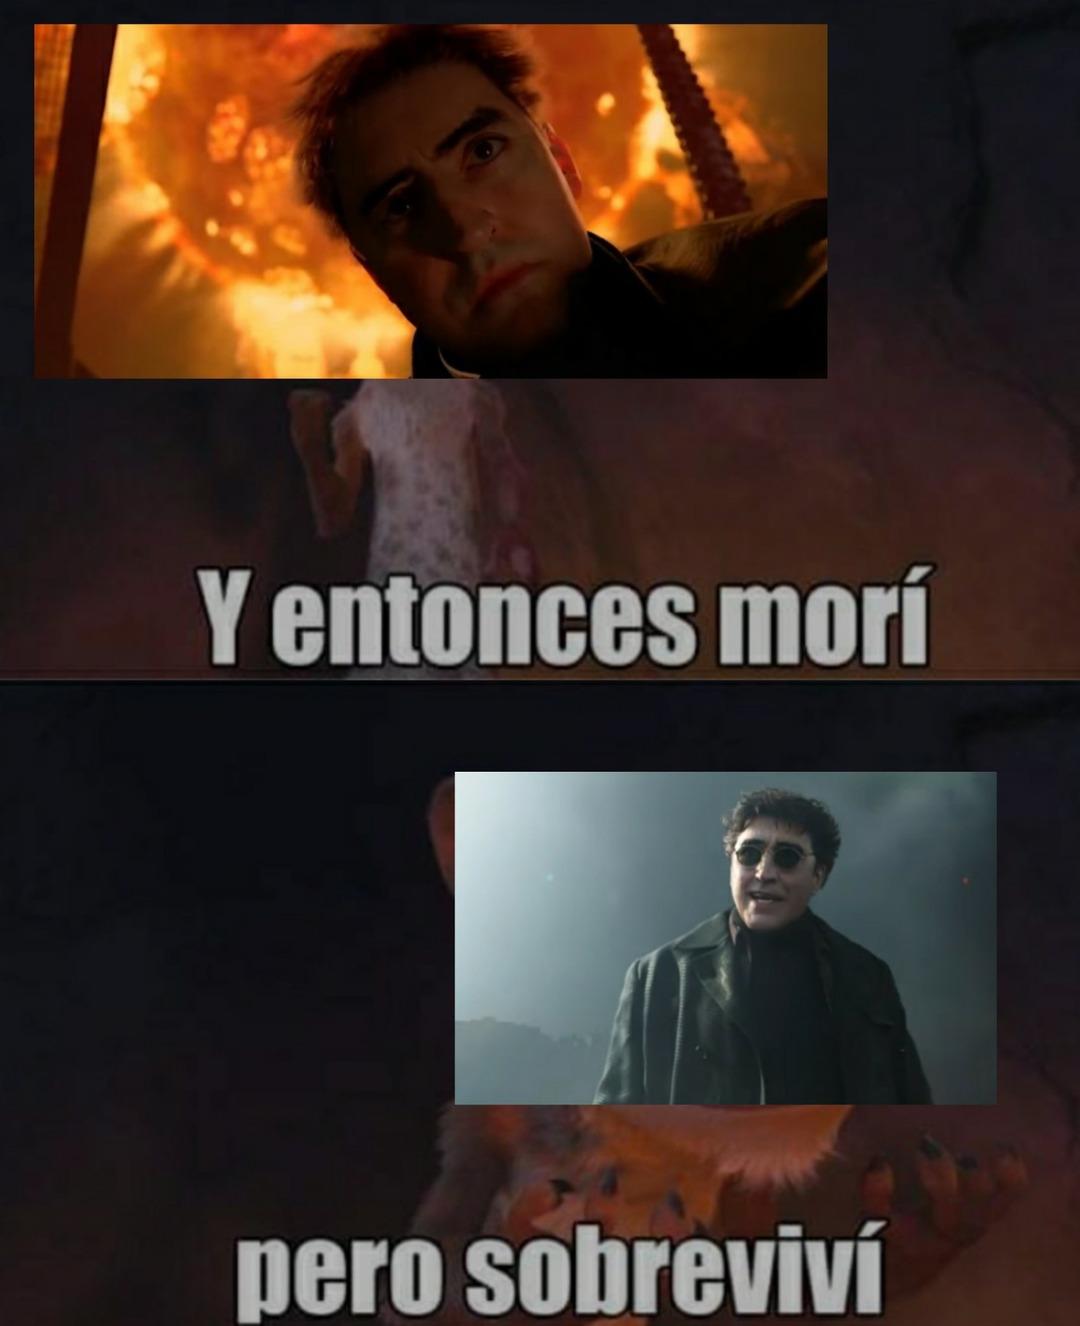 Plantilla perfecta para el meme